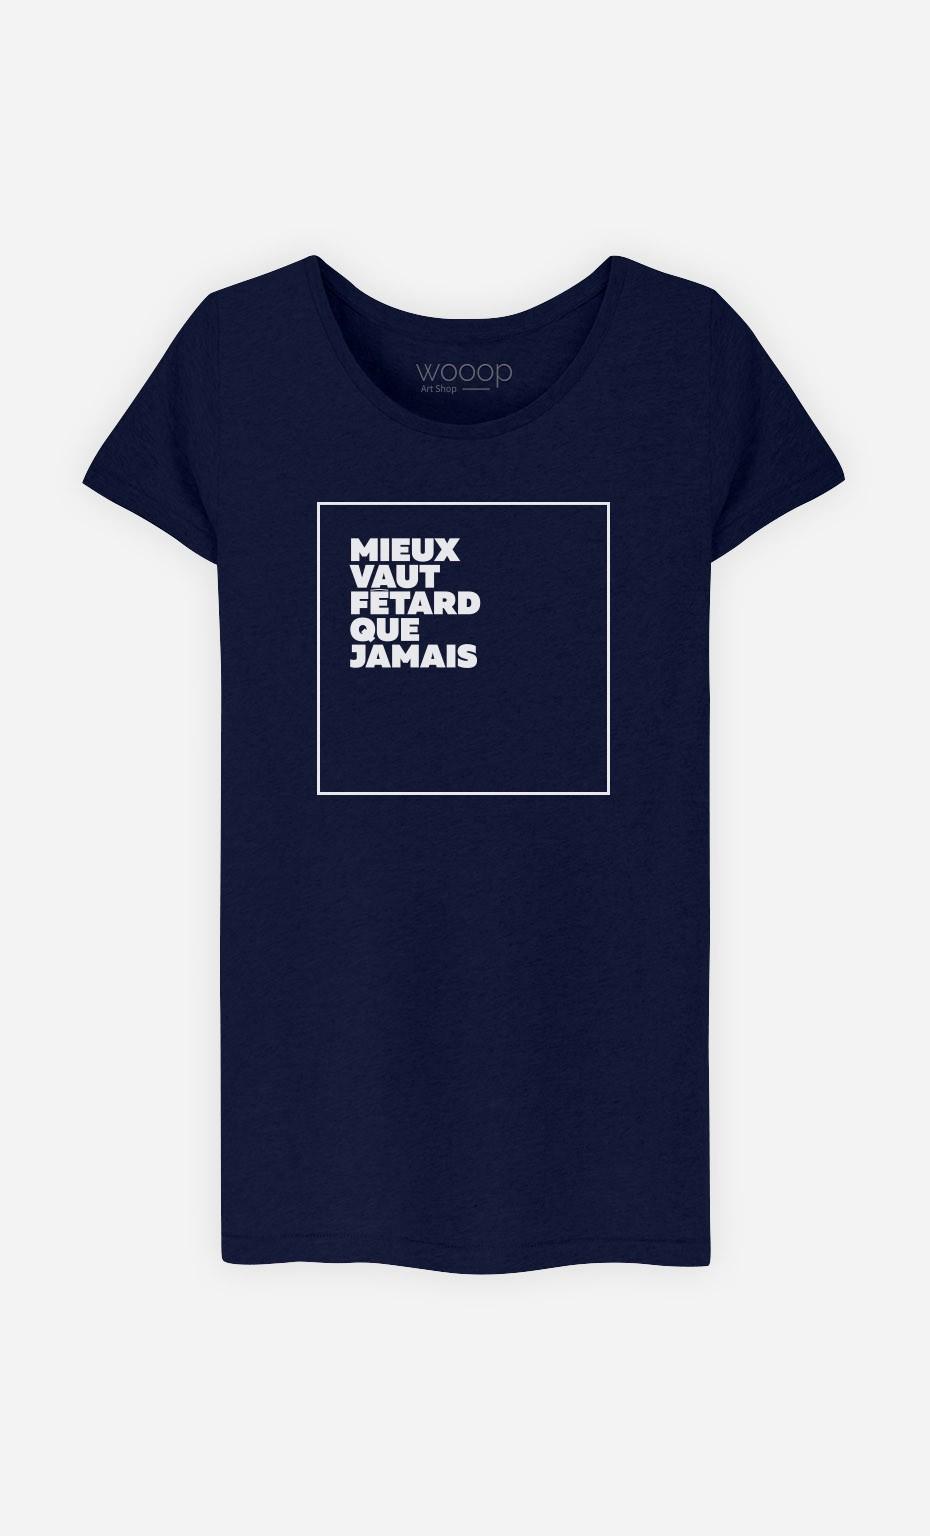 T-Shirt Fêtard que Jamais